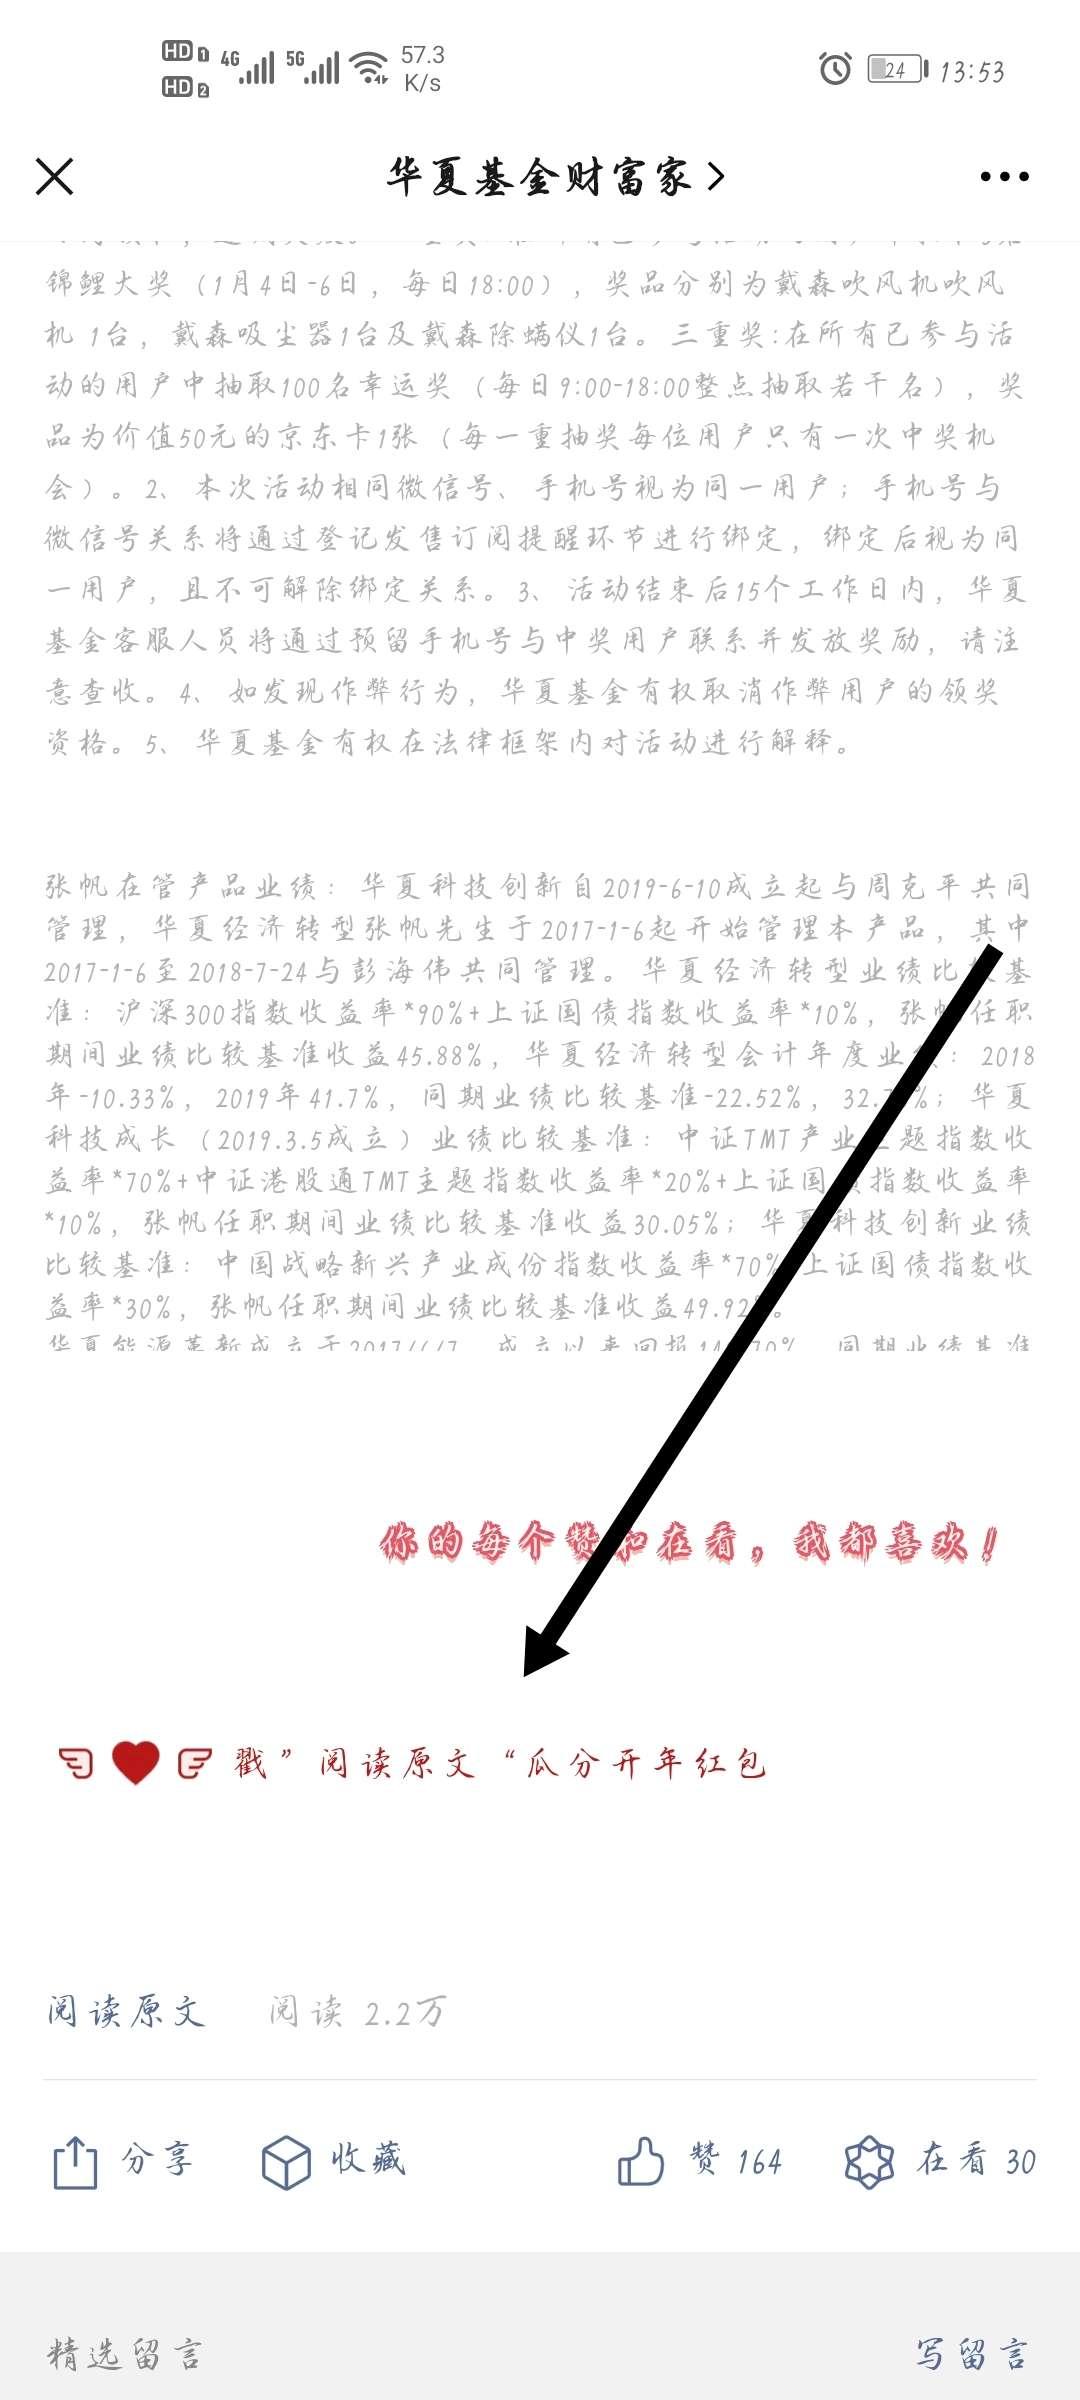 华夏基金点赞抽现金红包-亲测0.38元插图